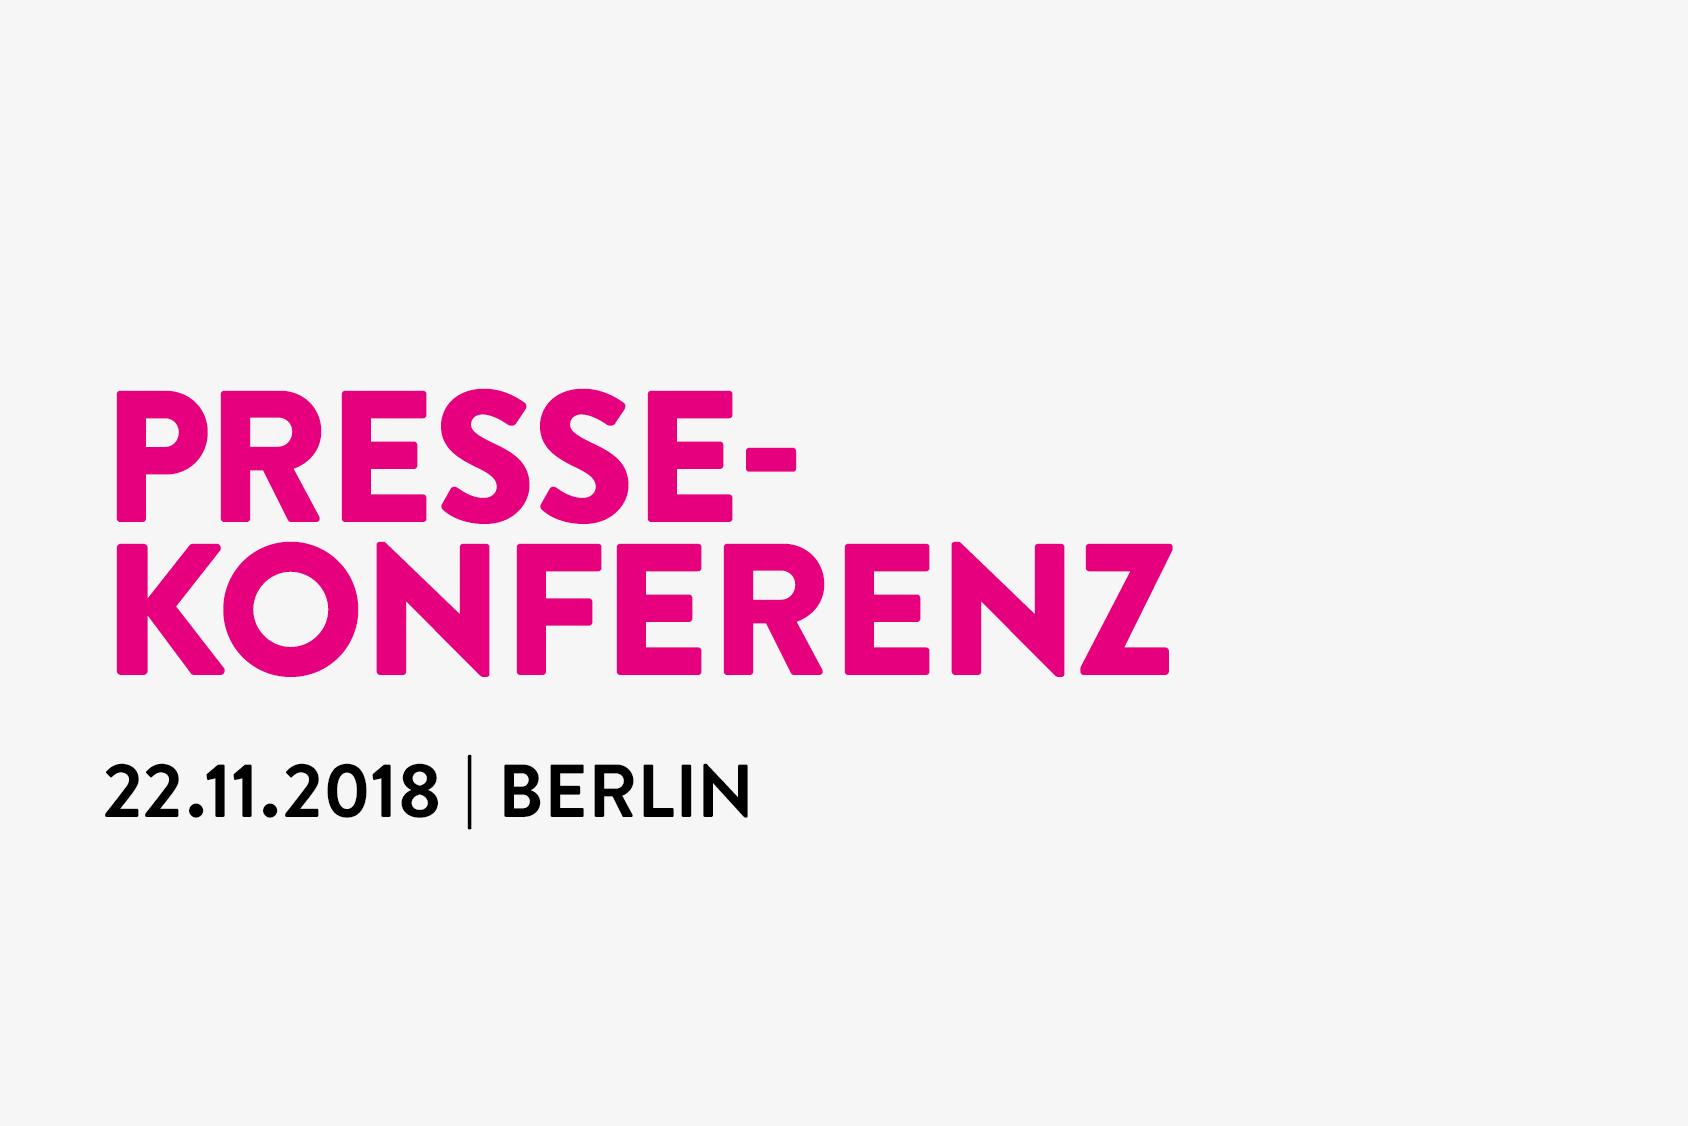 Warum Verbraucher ihre Rechnungen nicht zahlen und wie Inkasso-Unternehmen arbeiten: Eine Pressekonferenz am 22.11.2018 in Berlin